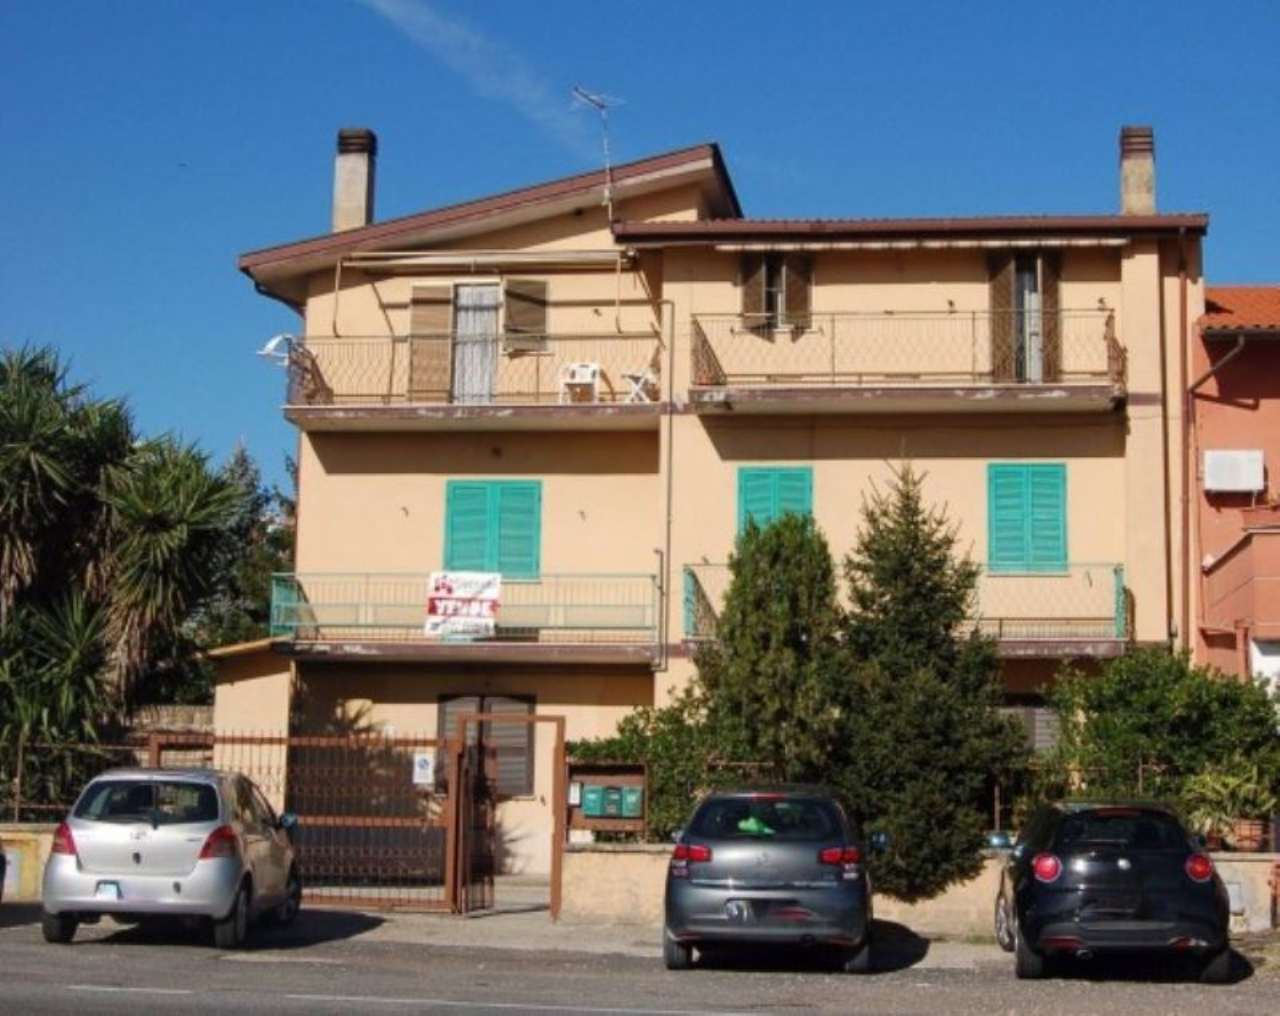 Villa in vendita a Fiano Romano, 6 locali, prezzo € 320.000 | Cambio Casa.it